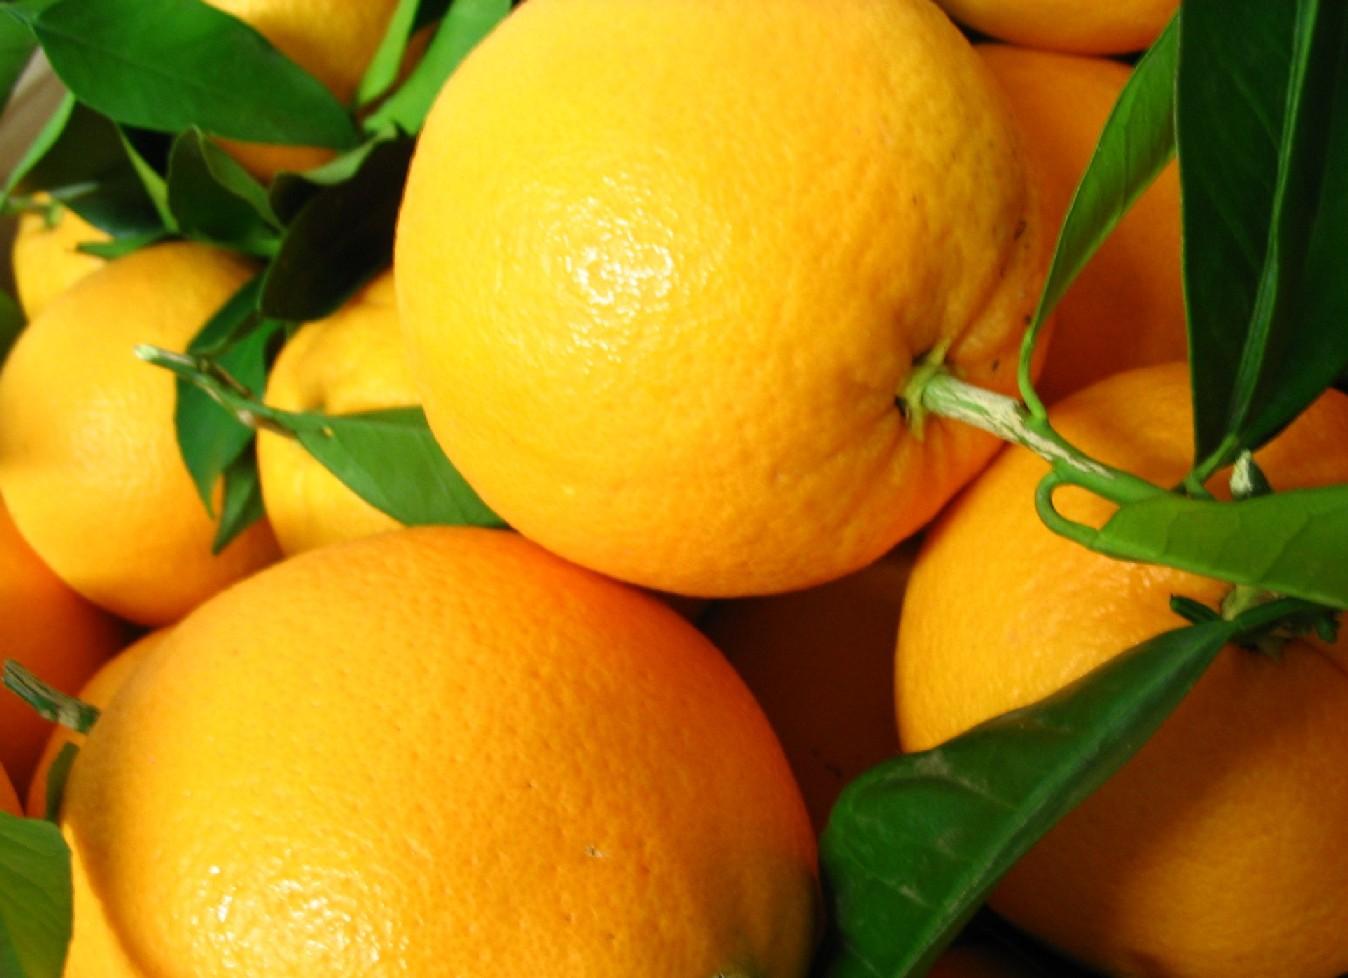 La cuchara curiosa naranjas del rbol a tu mesa - Naranjas del arbol a la mesa ...